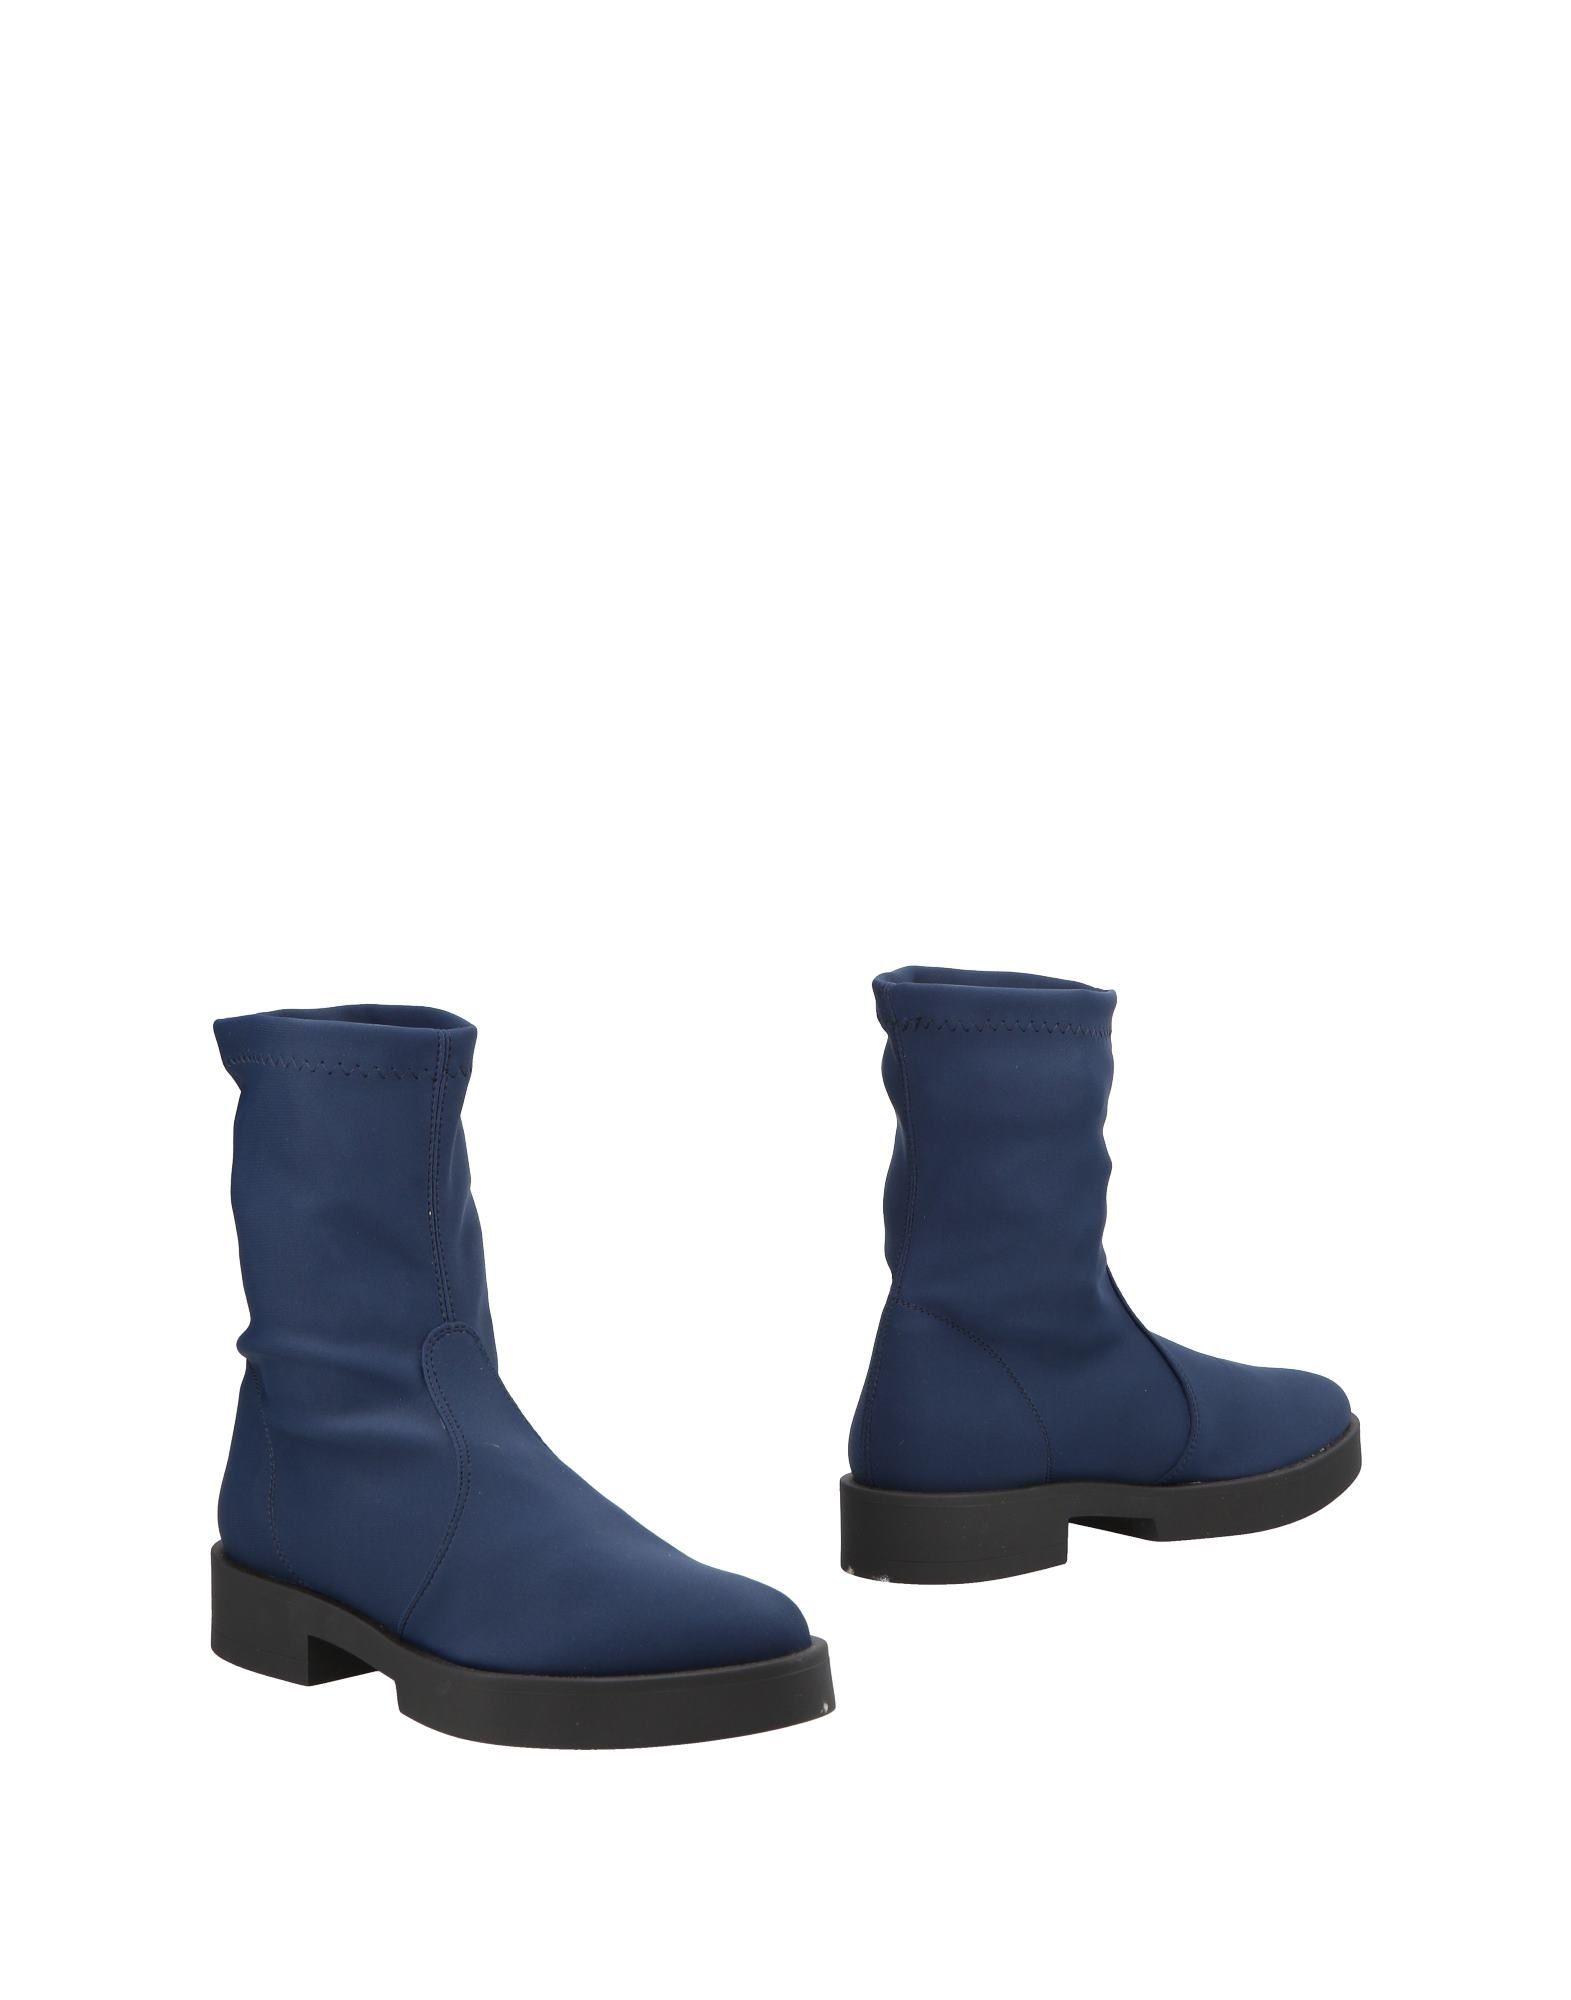 Nr Rapisardi Stiefelette Damen  11503717JA Gute Qualität beliebte Schuhe